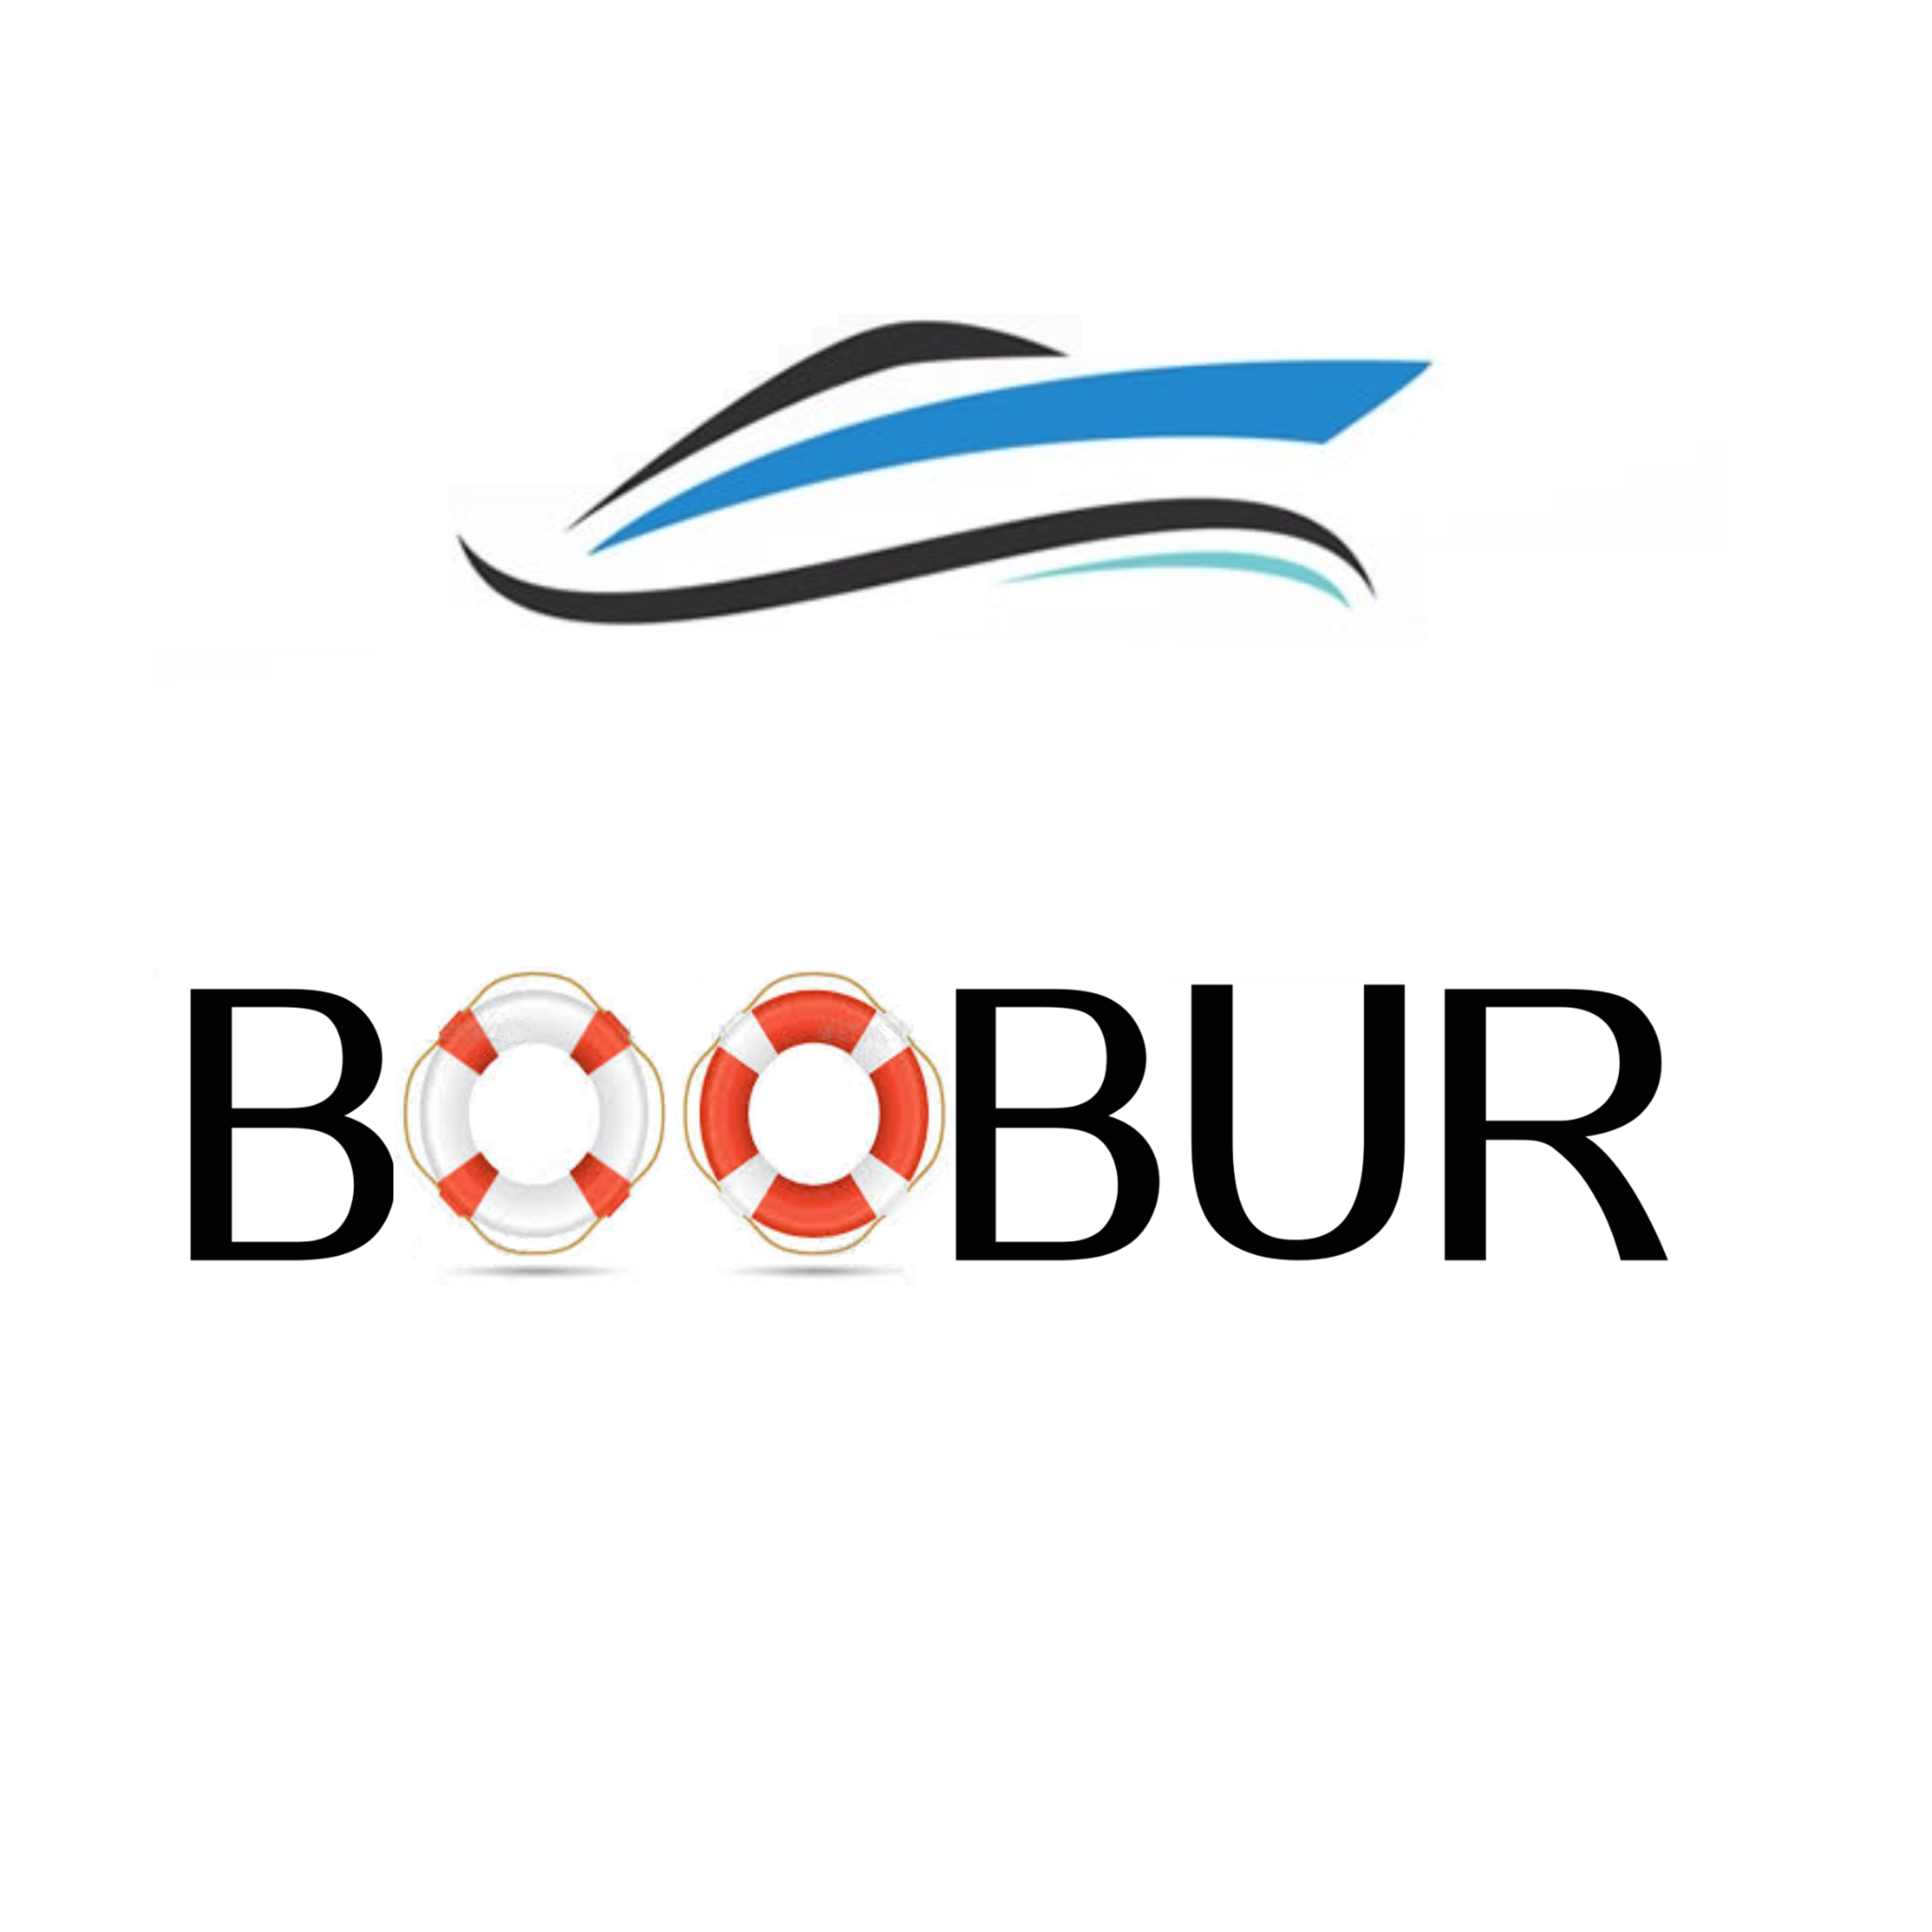 Boobur image 7